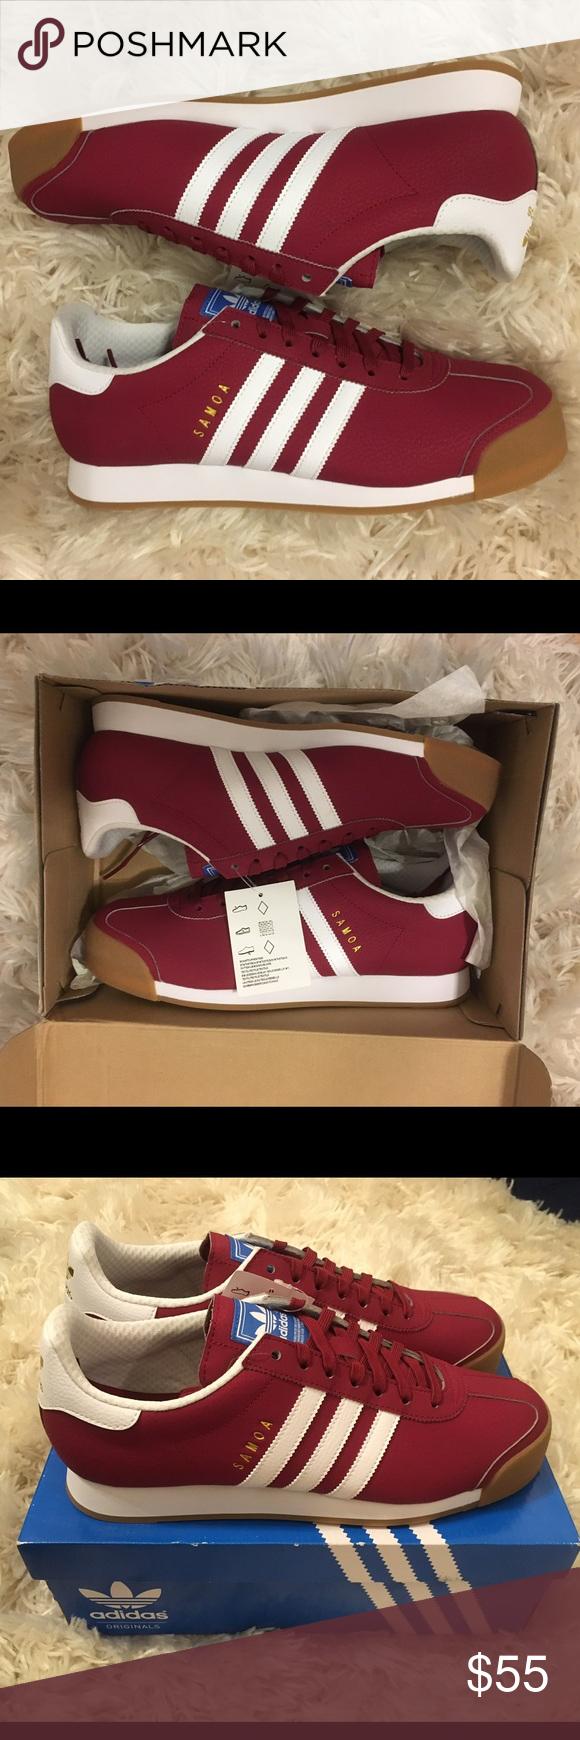 adidas originali uomini samoa retrò scarpe 11 nuovi retrò.